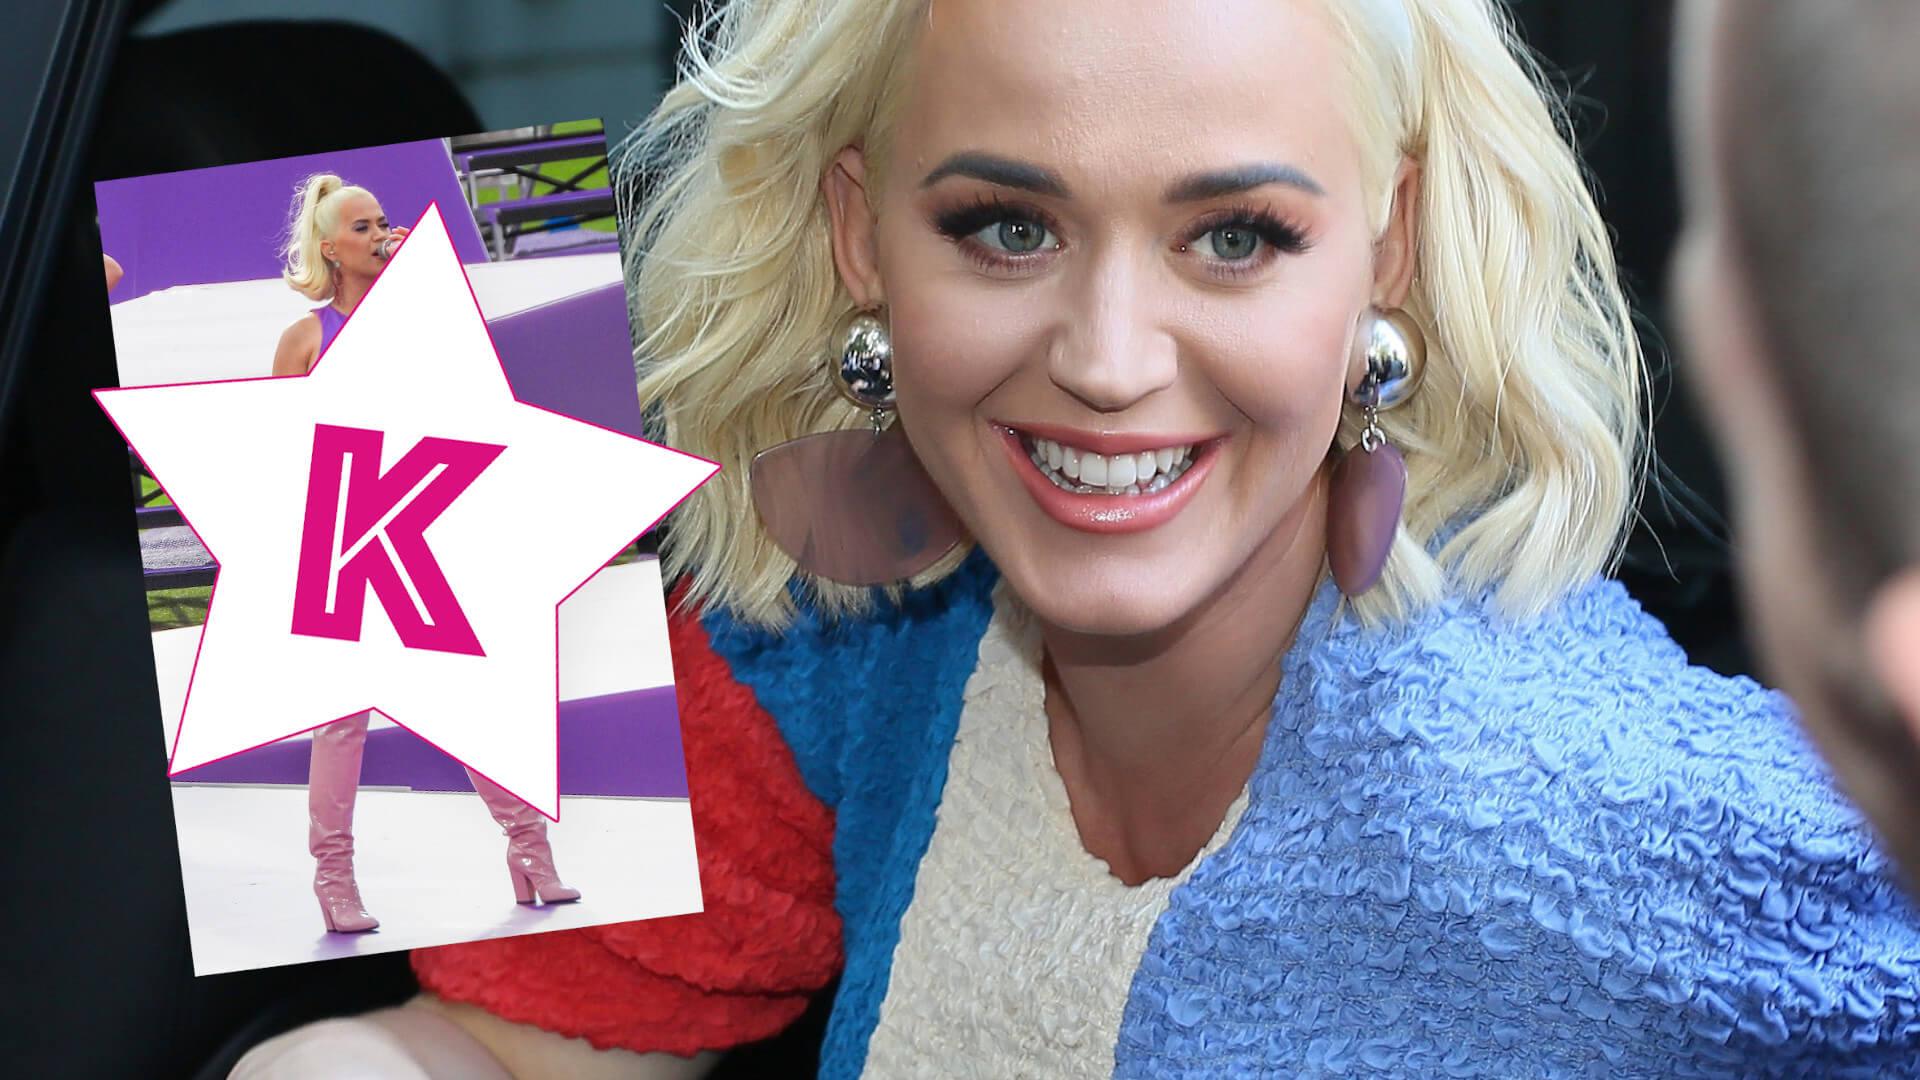 Ciężarna Katy Perry w OBCISŁEJ sukience! Nadruk sugeruje PŁEĆ dziecka?